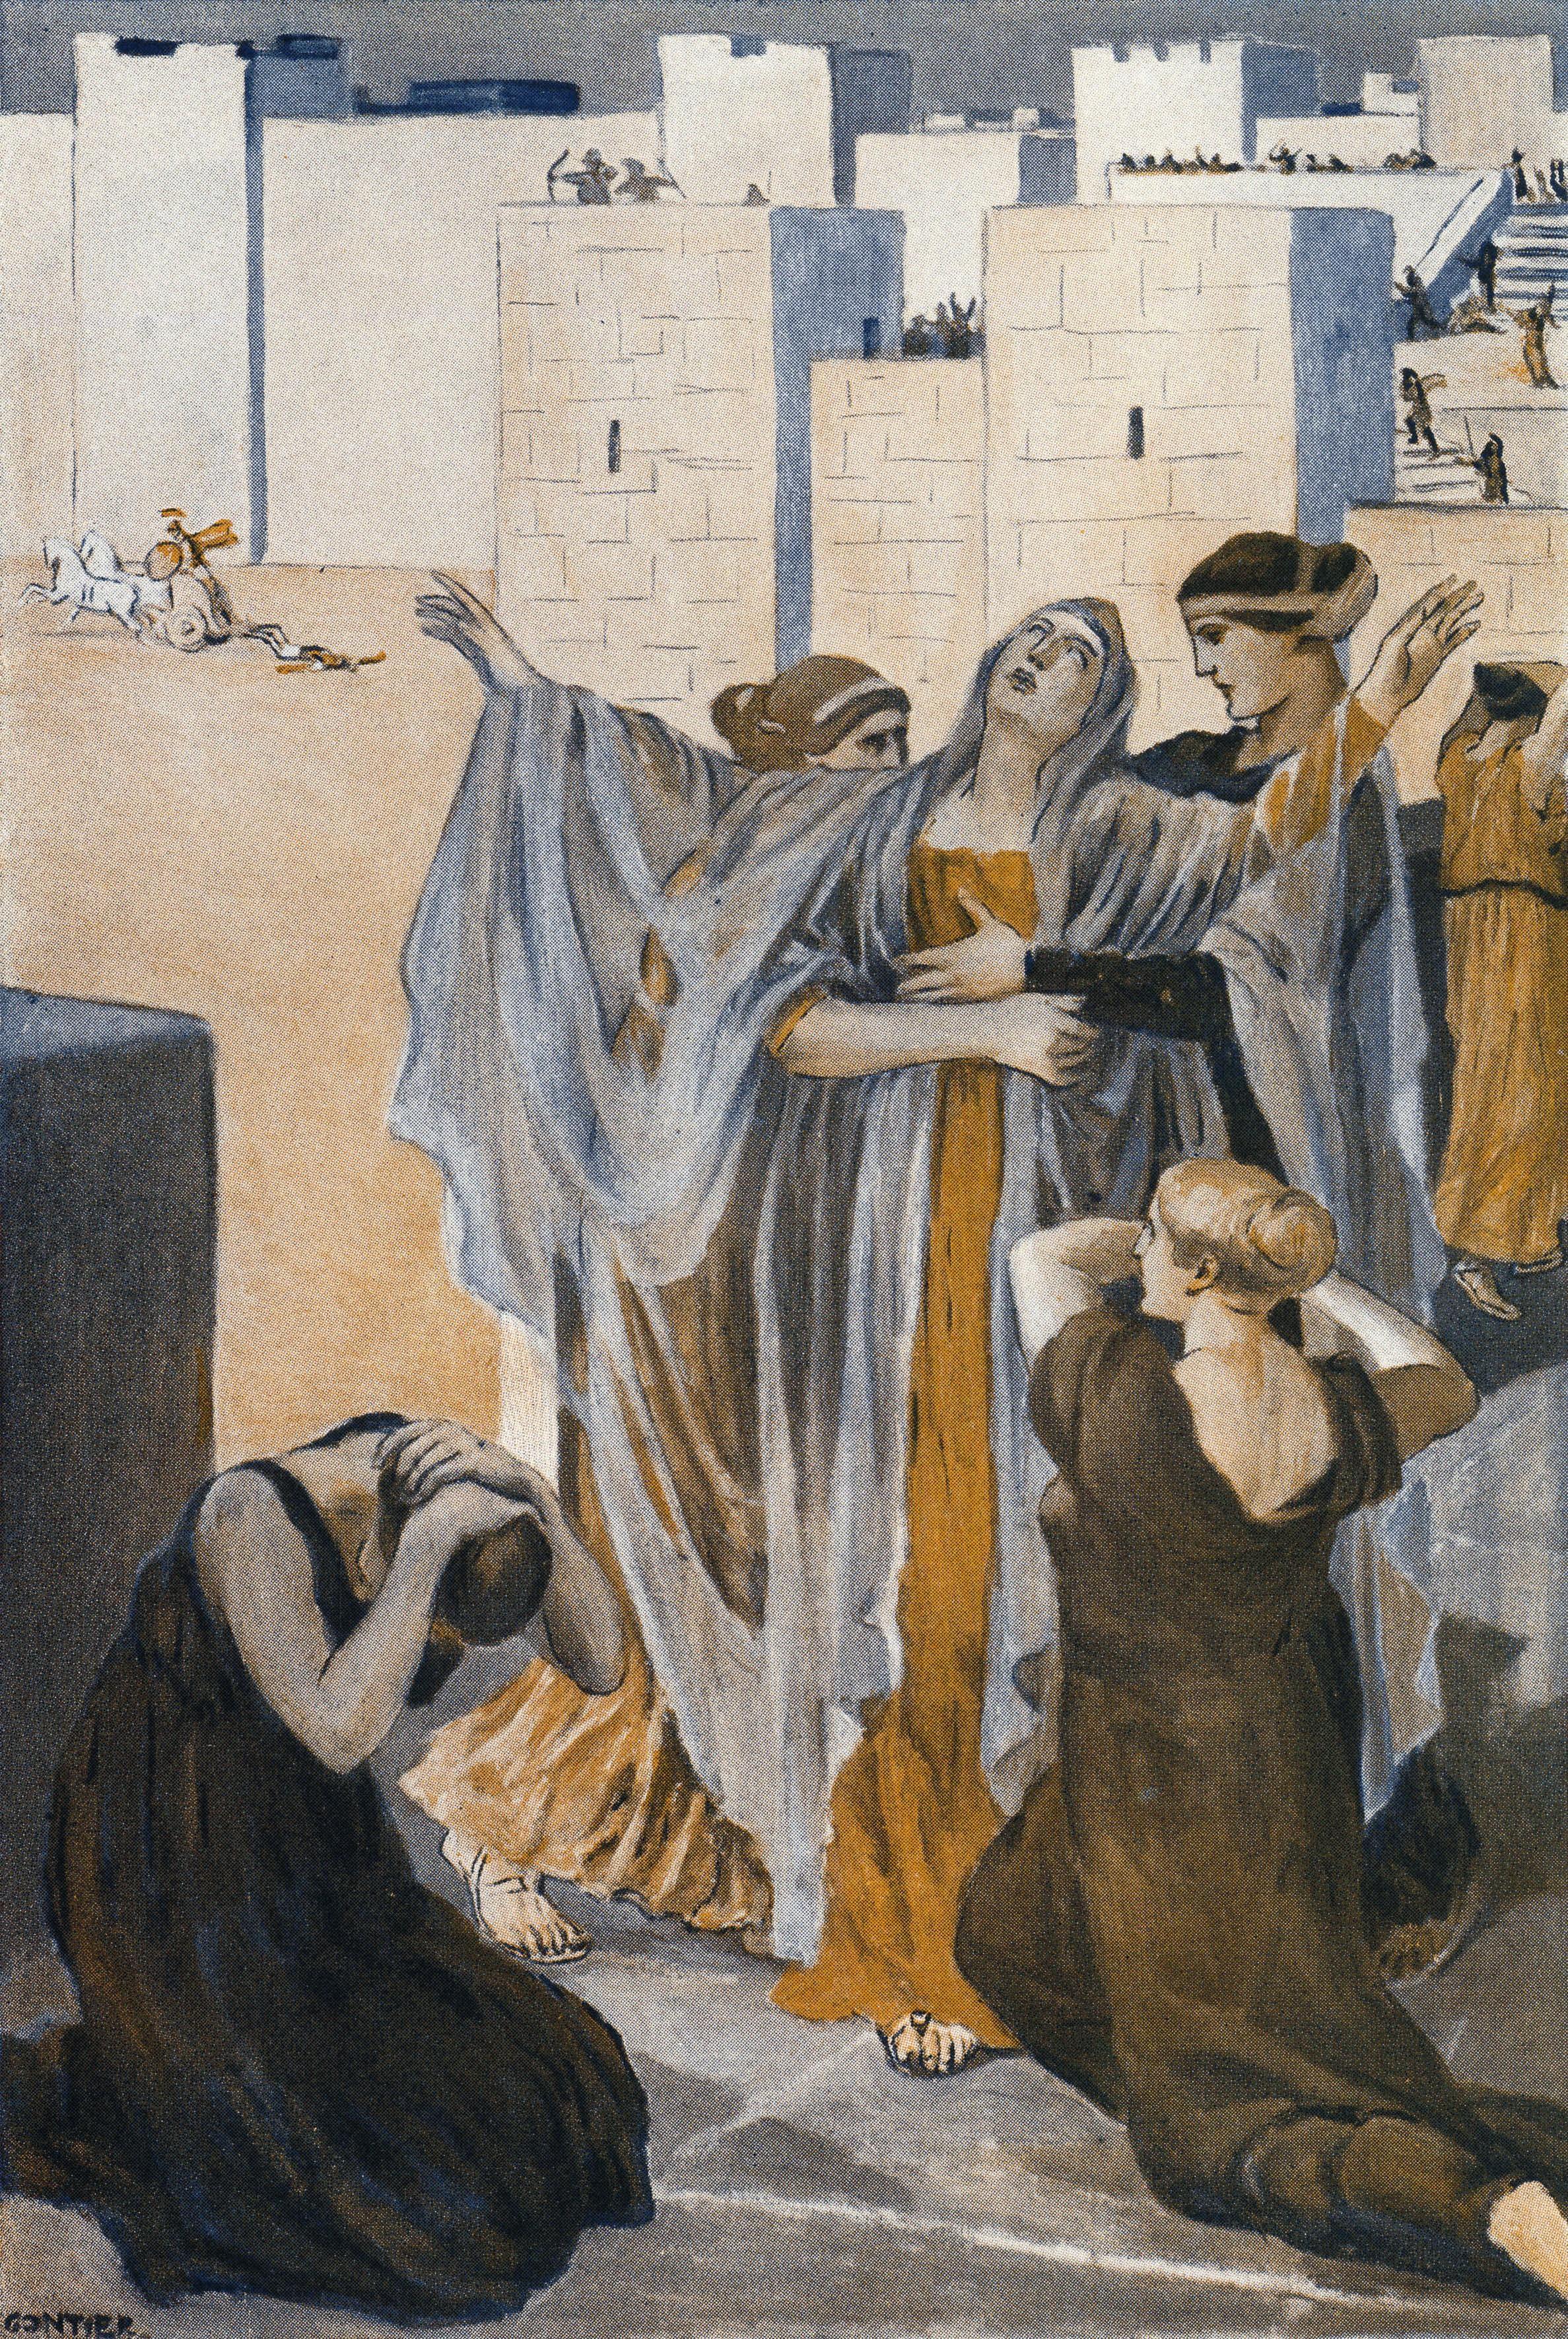 Clément Gontier, illustration pour L'Iliade d'Homère, 1930, Henri Laurens éditeur, Paris.